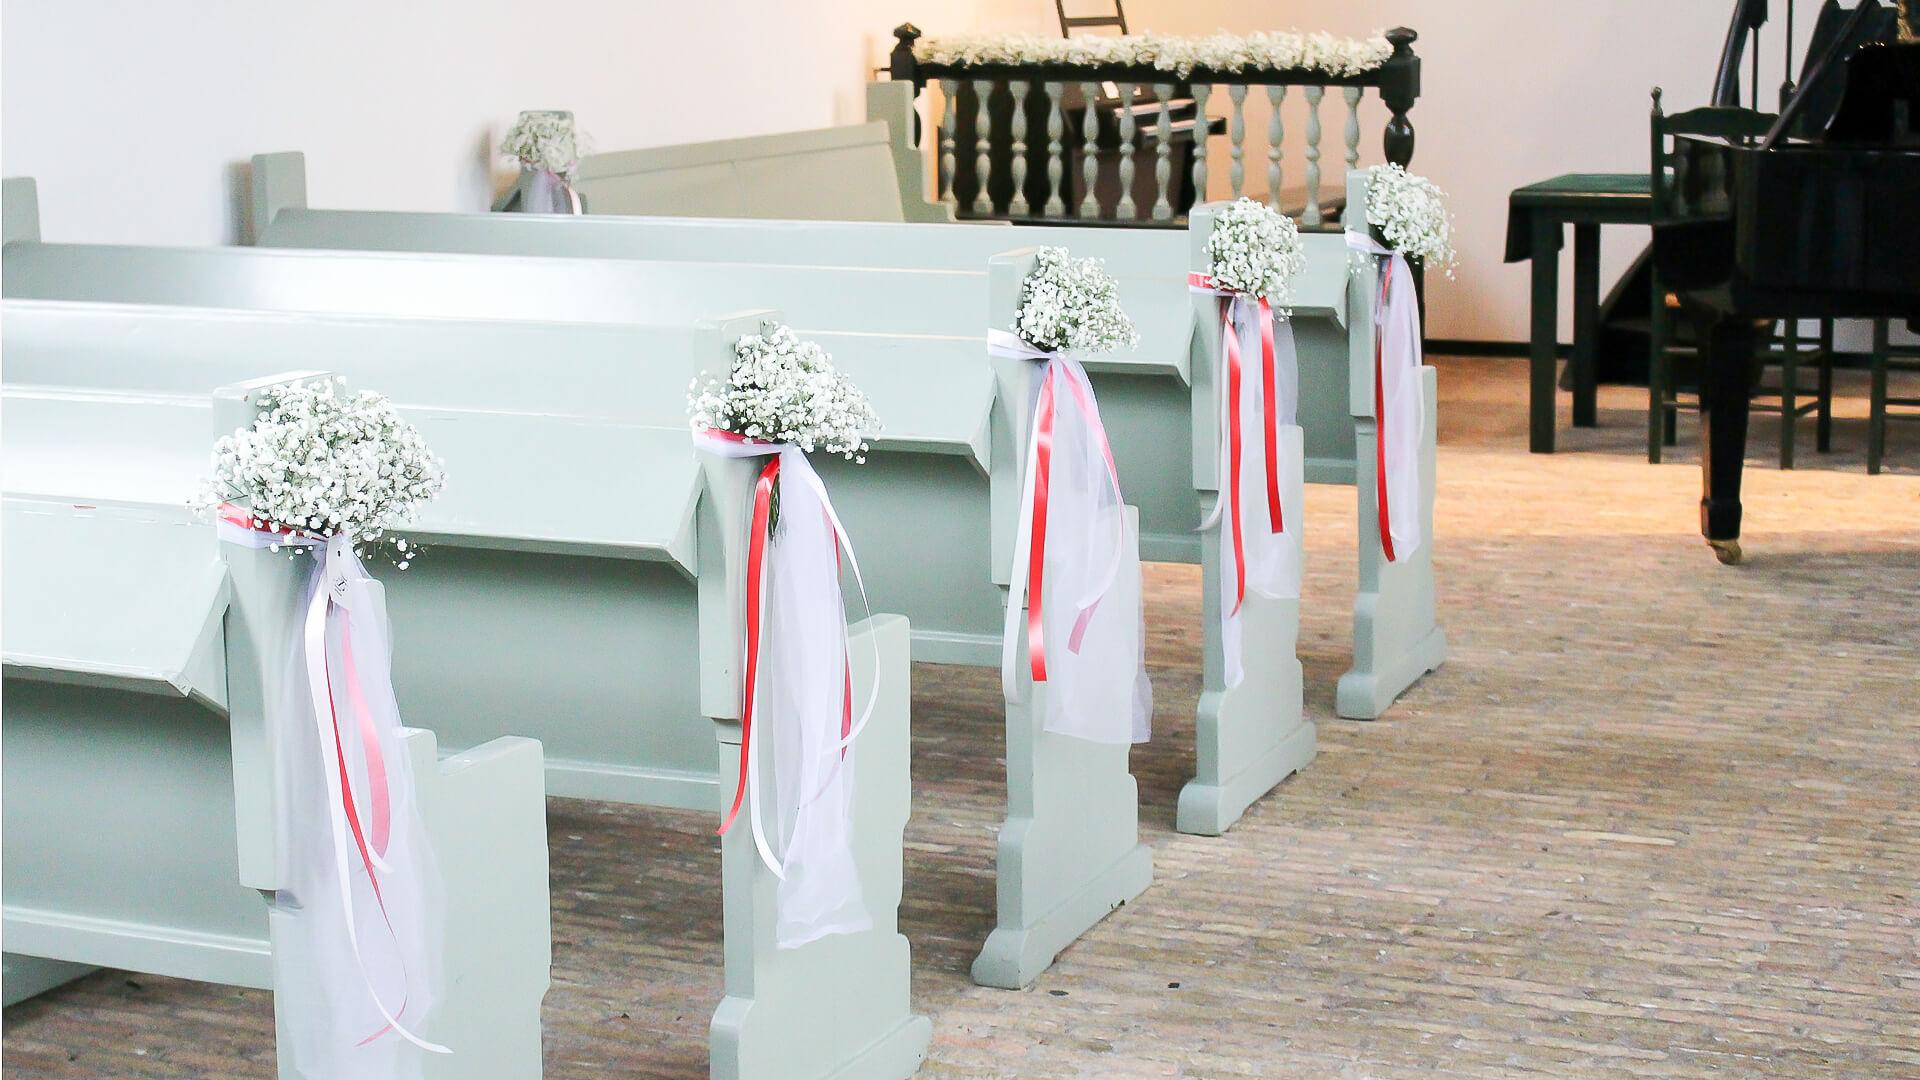 Locatiestyling Lijn 10, styling, trouwen, gipskruid, kerk aankleden, bruidswerk, locatie, trouwen, fotografie lijn 10, Zuidhorn